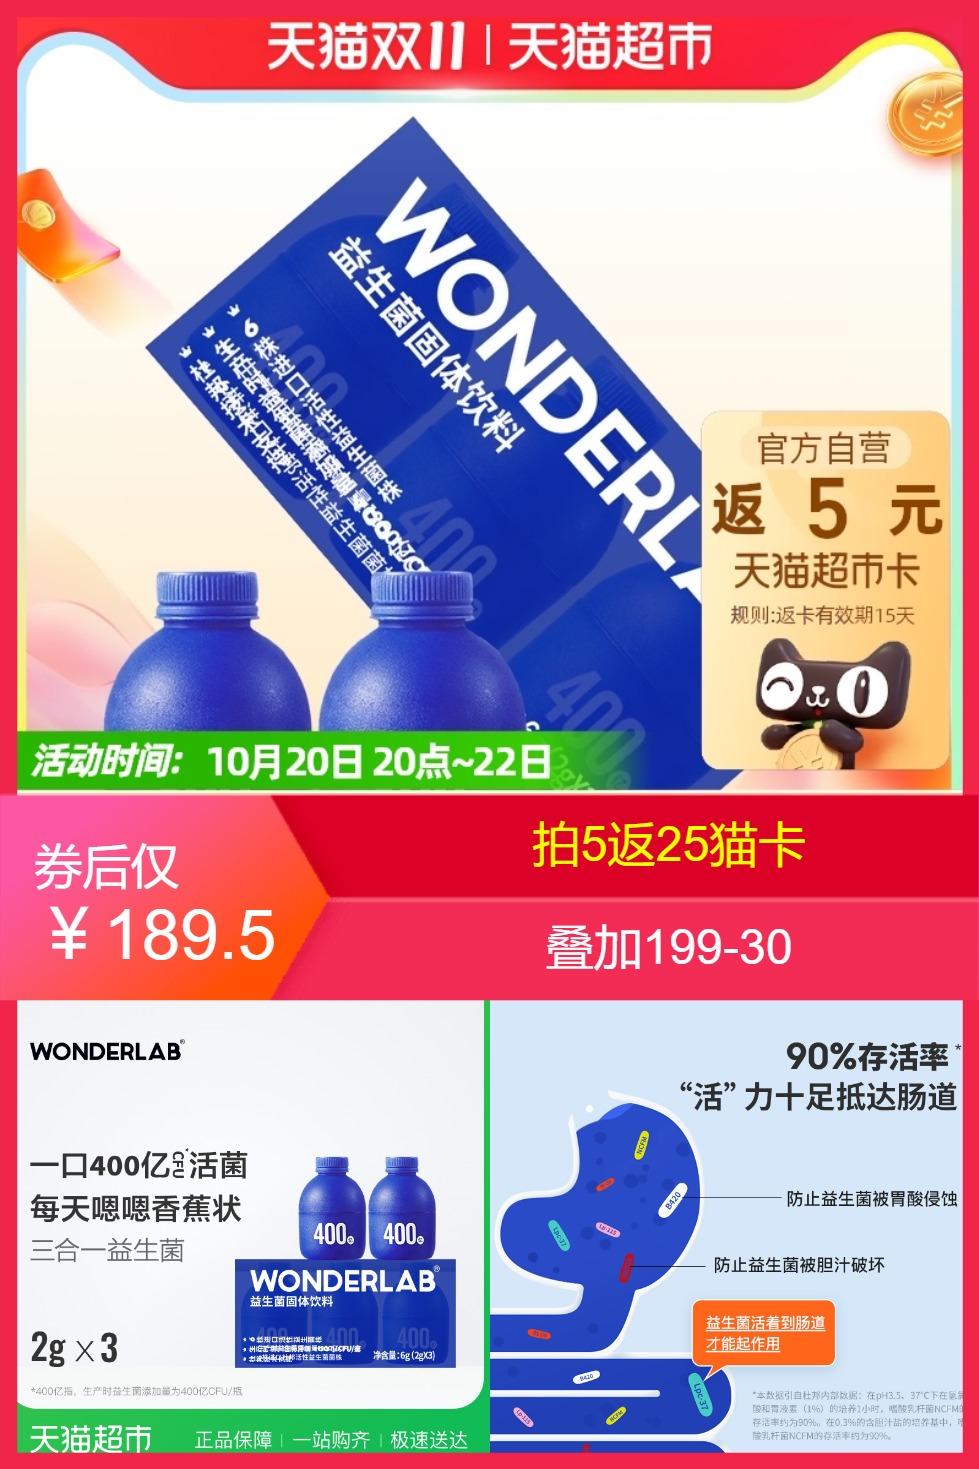 【推荐拍5件】WonderLab小蓝瓶益生菌